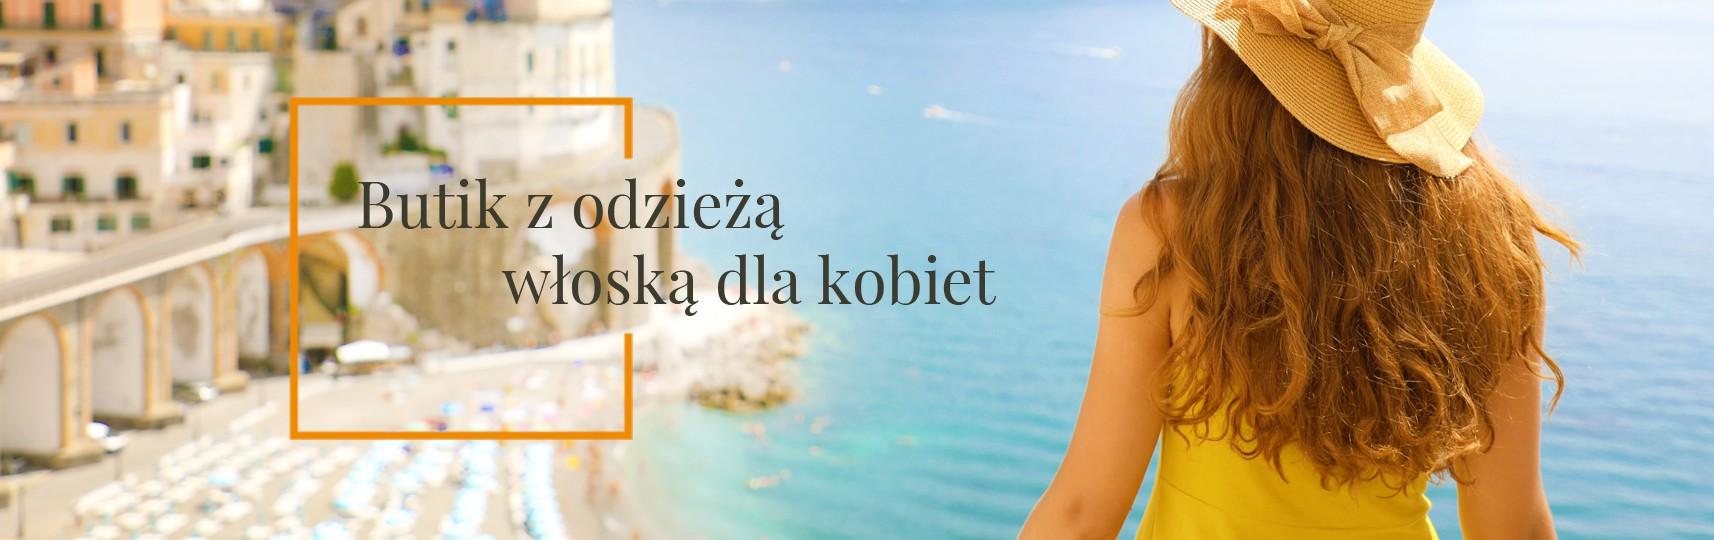 Butik z odzieżą włoską dla kobiet